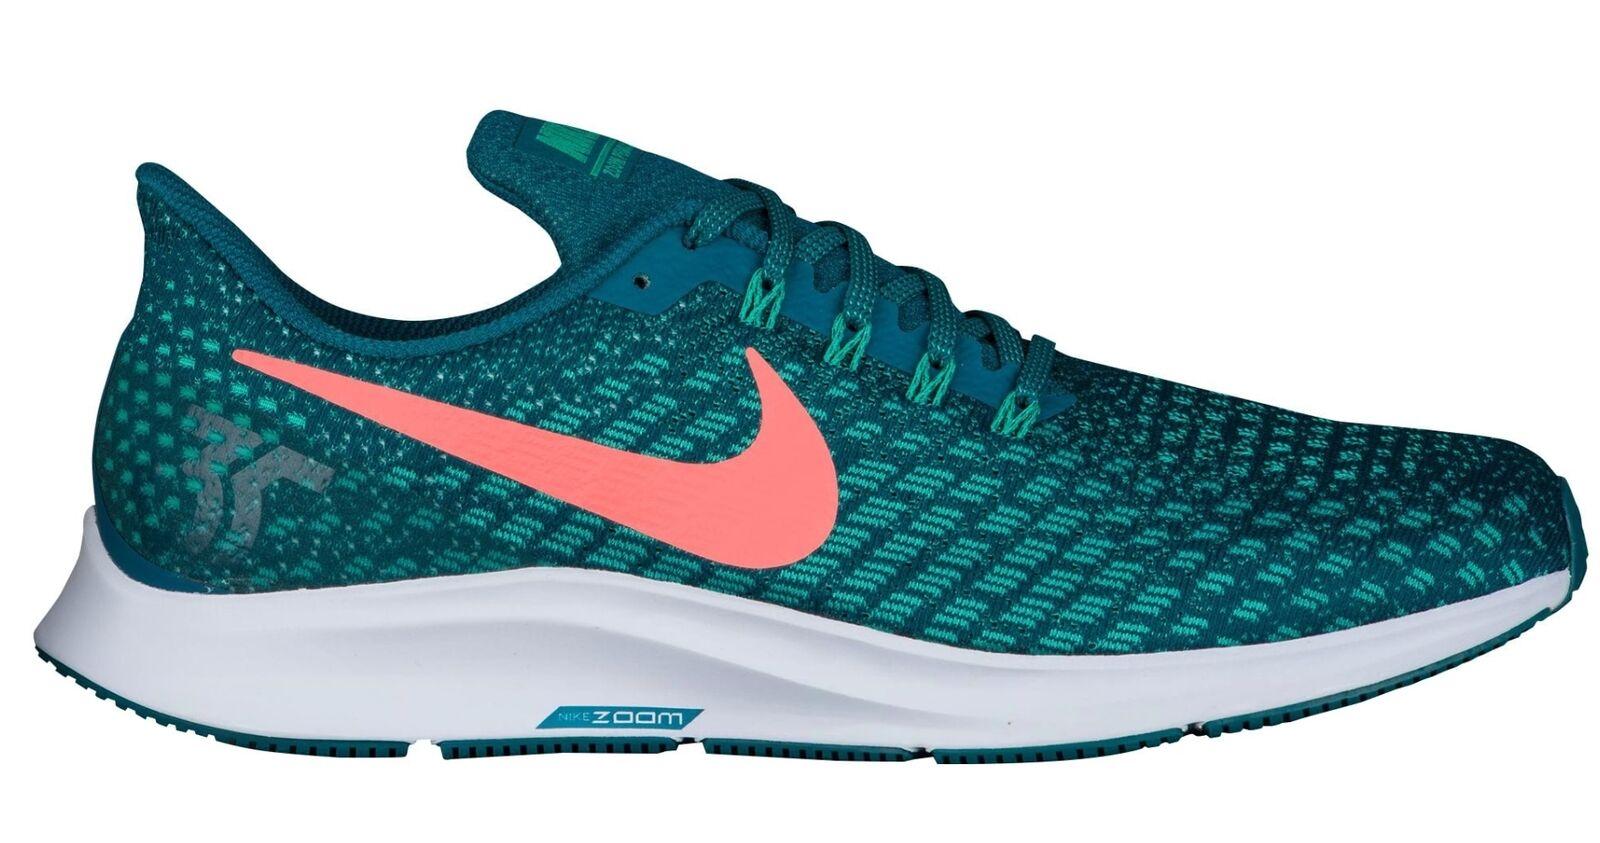 Nike air zoom pegasus 35 uomini 942851-300 942851-300 942851-300 geode till delle scarpe da corsa misura 8,5 381445